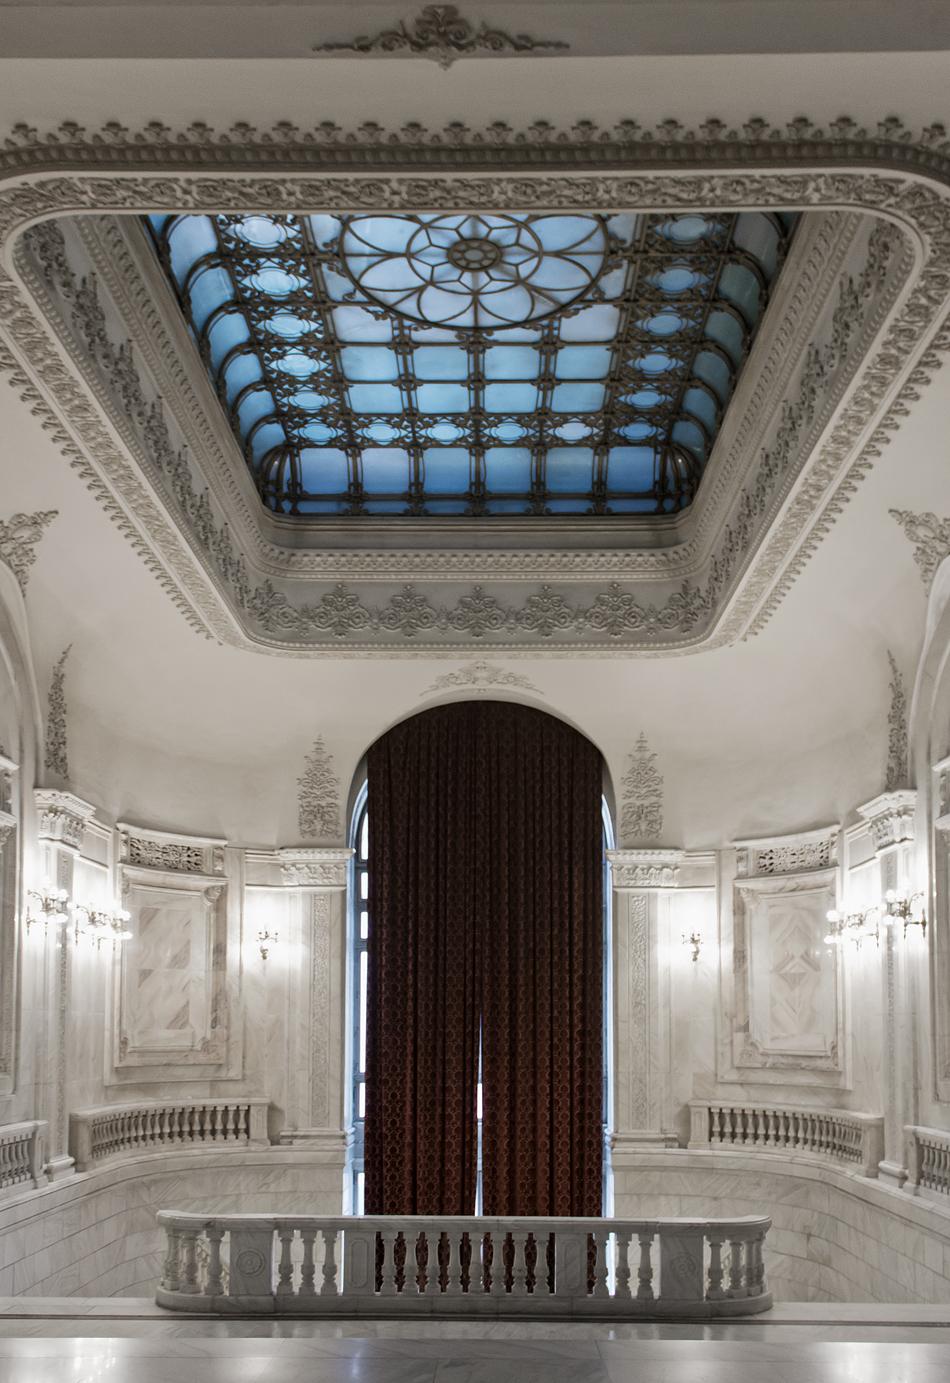 București, Palatul Parlamentului, Interior, Treppenhaus (Floor P1)